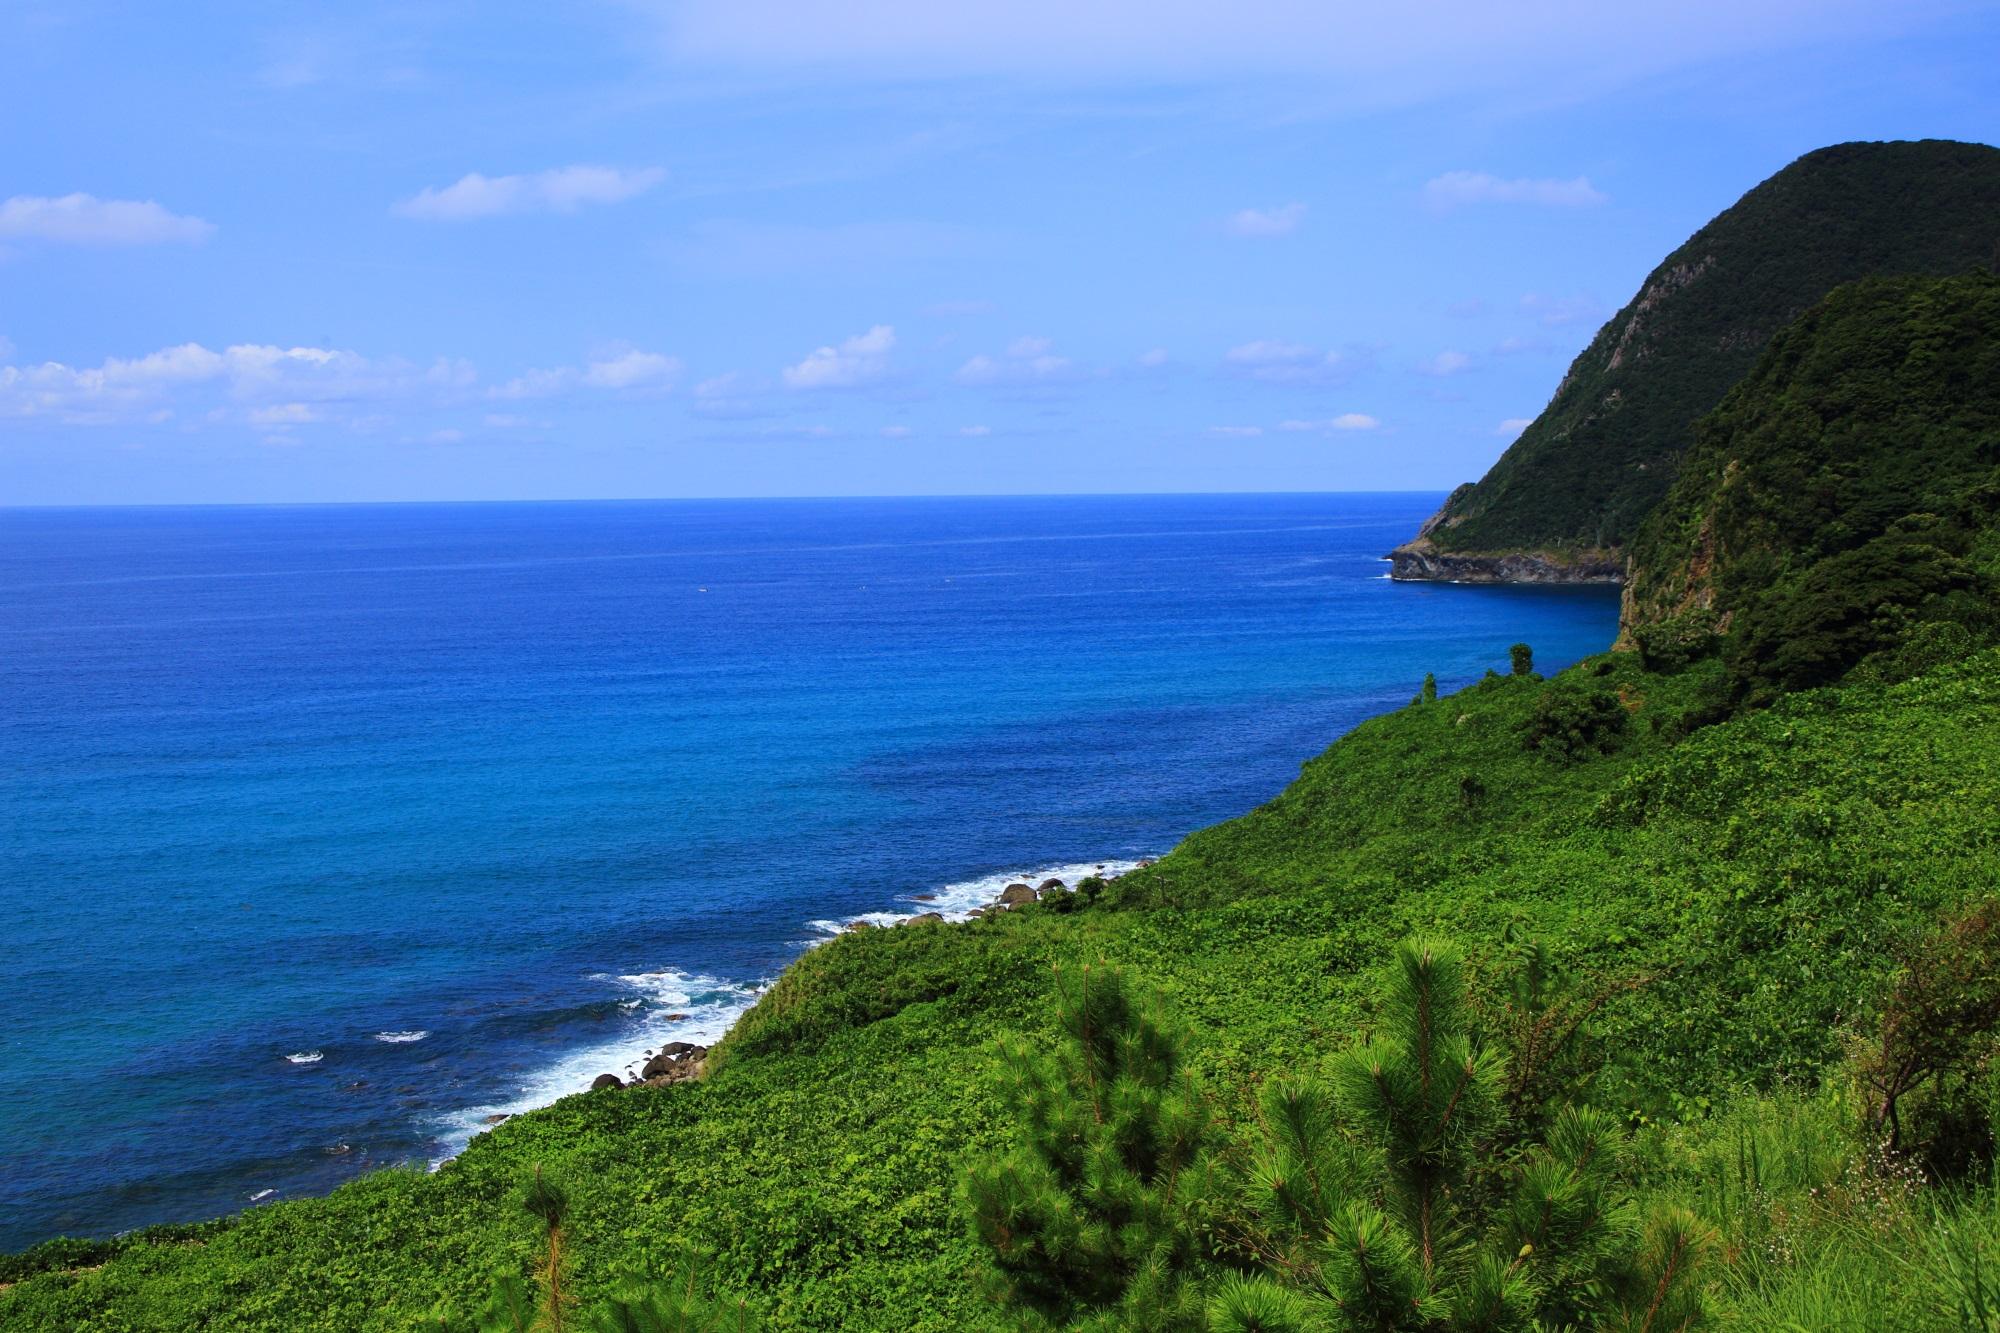 なぜ海は青いのだと考えてしまうような犬ヶ岬沖の綺麗な日本海